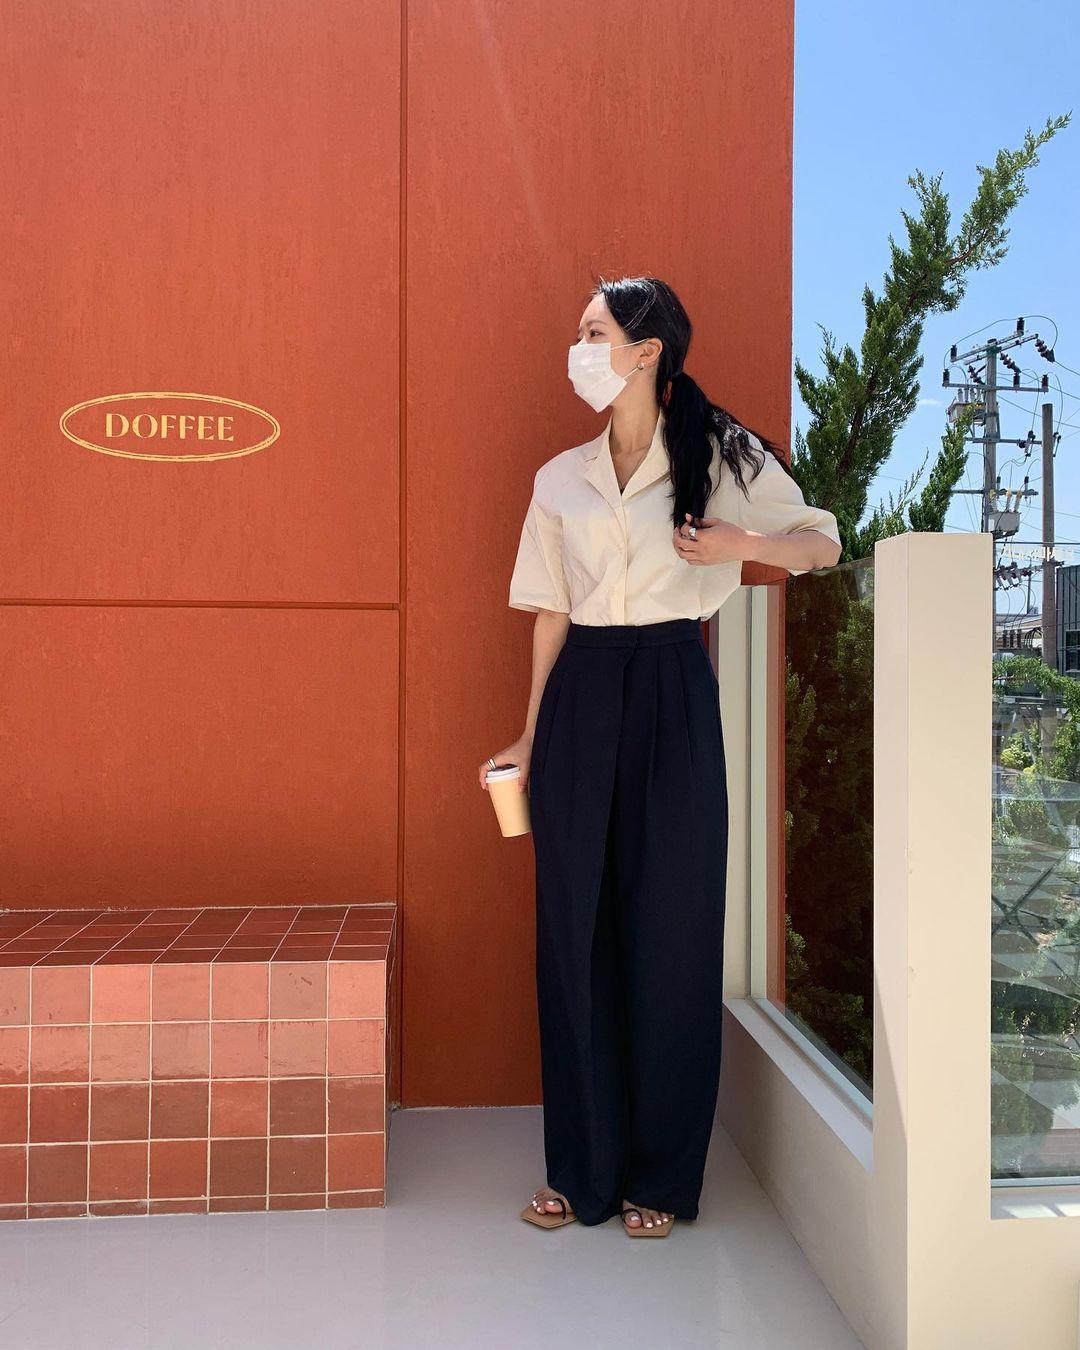 Nàng blogger Hàn có biệt tài diện toàn đồ đơn giản mà ai cũng muốn copy theo, diện đi làm hay đi chơi cũng ổn - Ảnh 9.